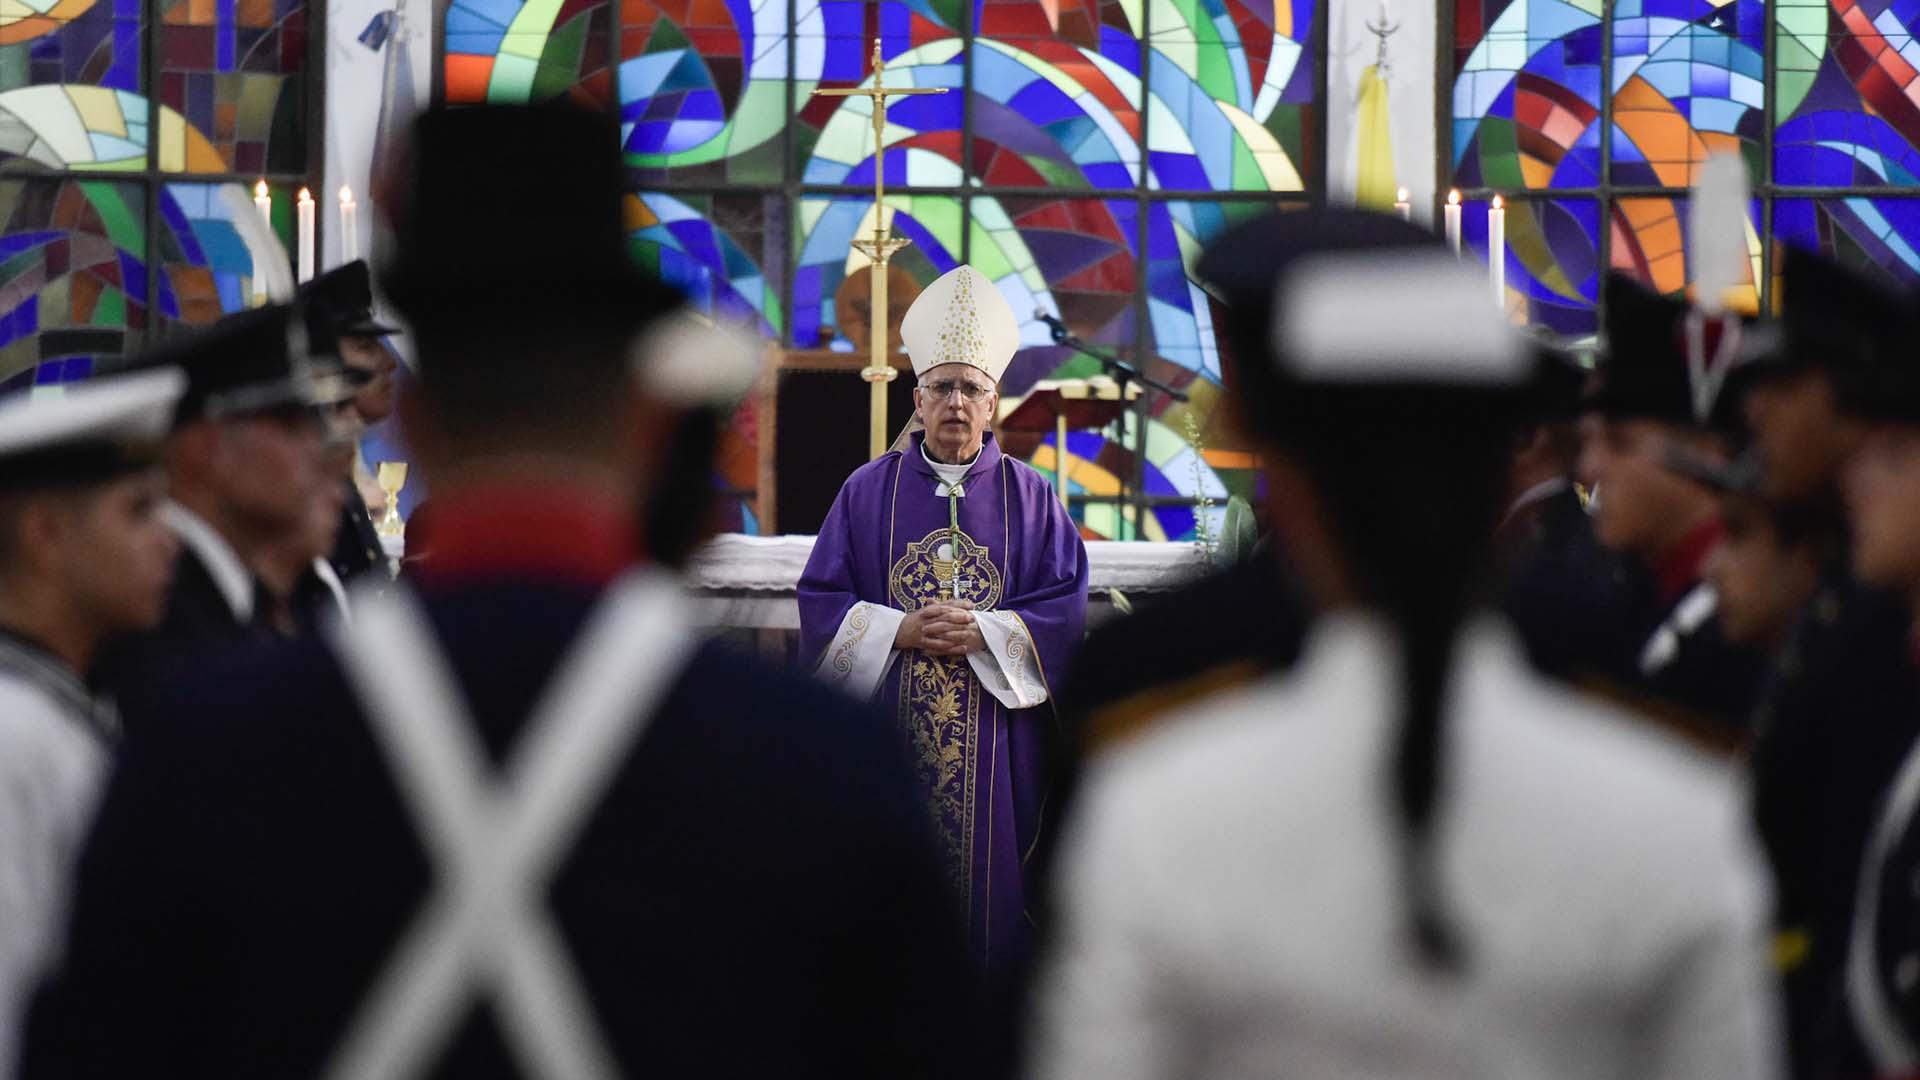 """Monseñor Santiago Olivera, principal promotor de la restitución de la imagen, condujo la misa. Había calificado el regreso como """"un milagro"""" y, en conferencia de prensa, declaró:"""